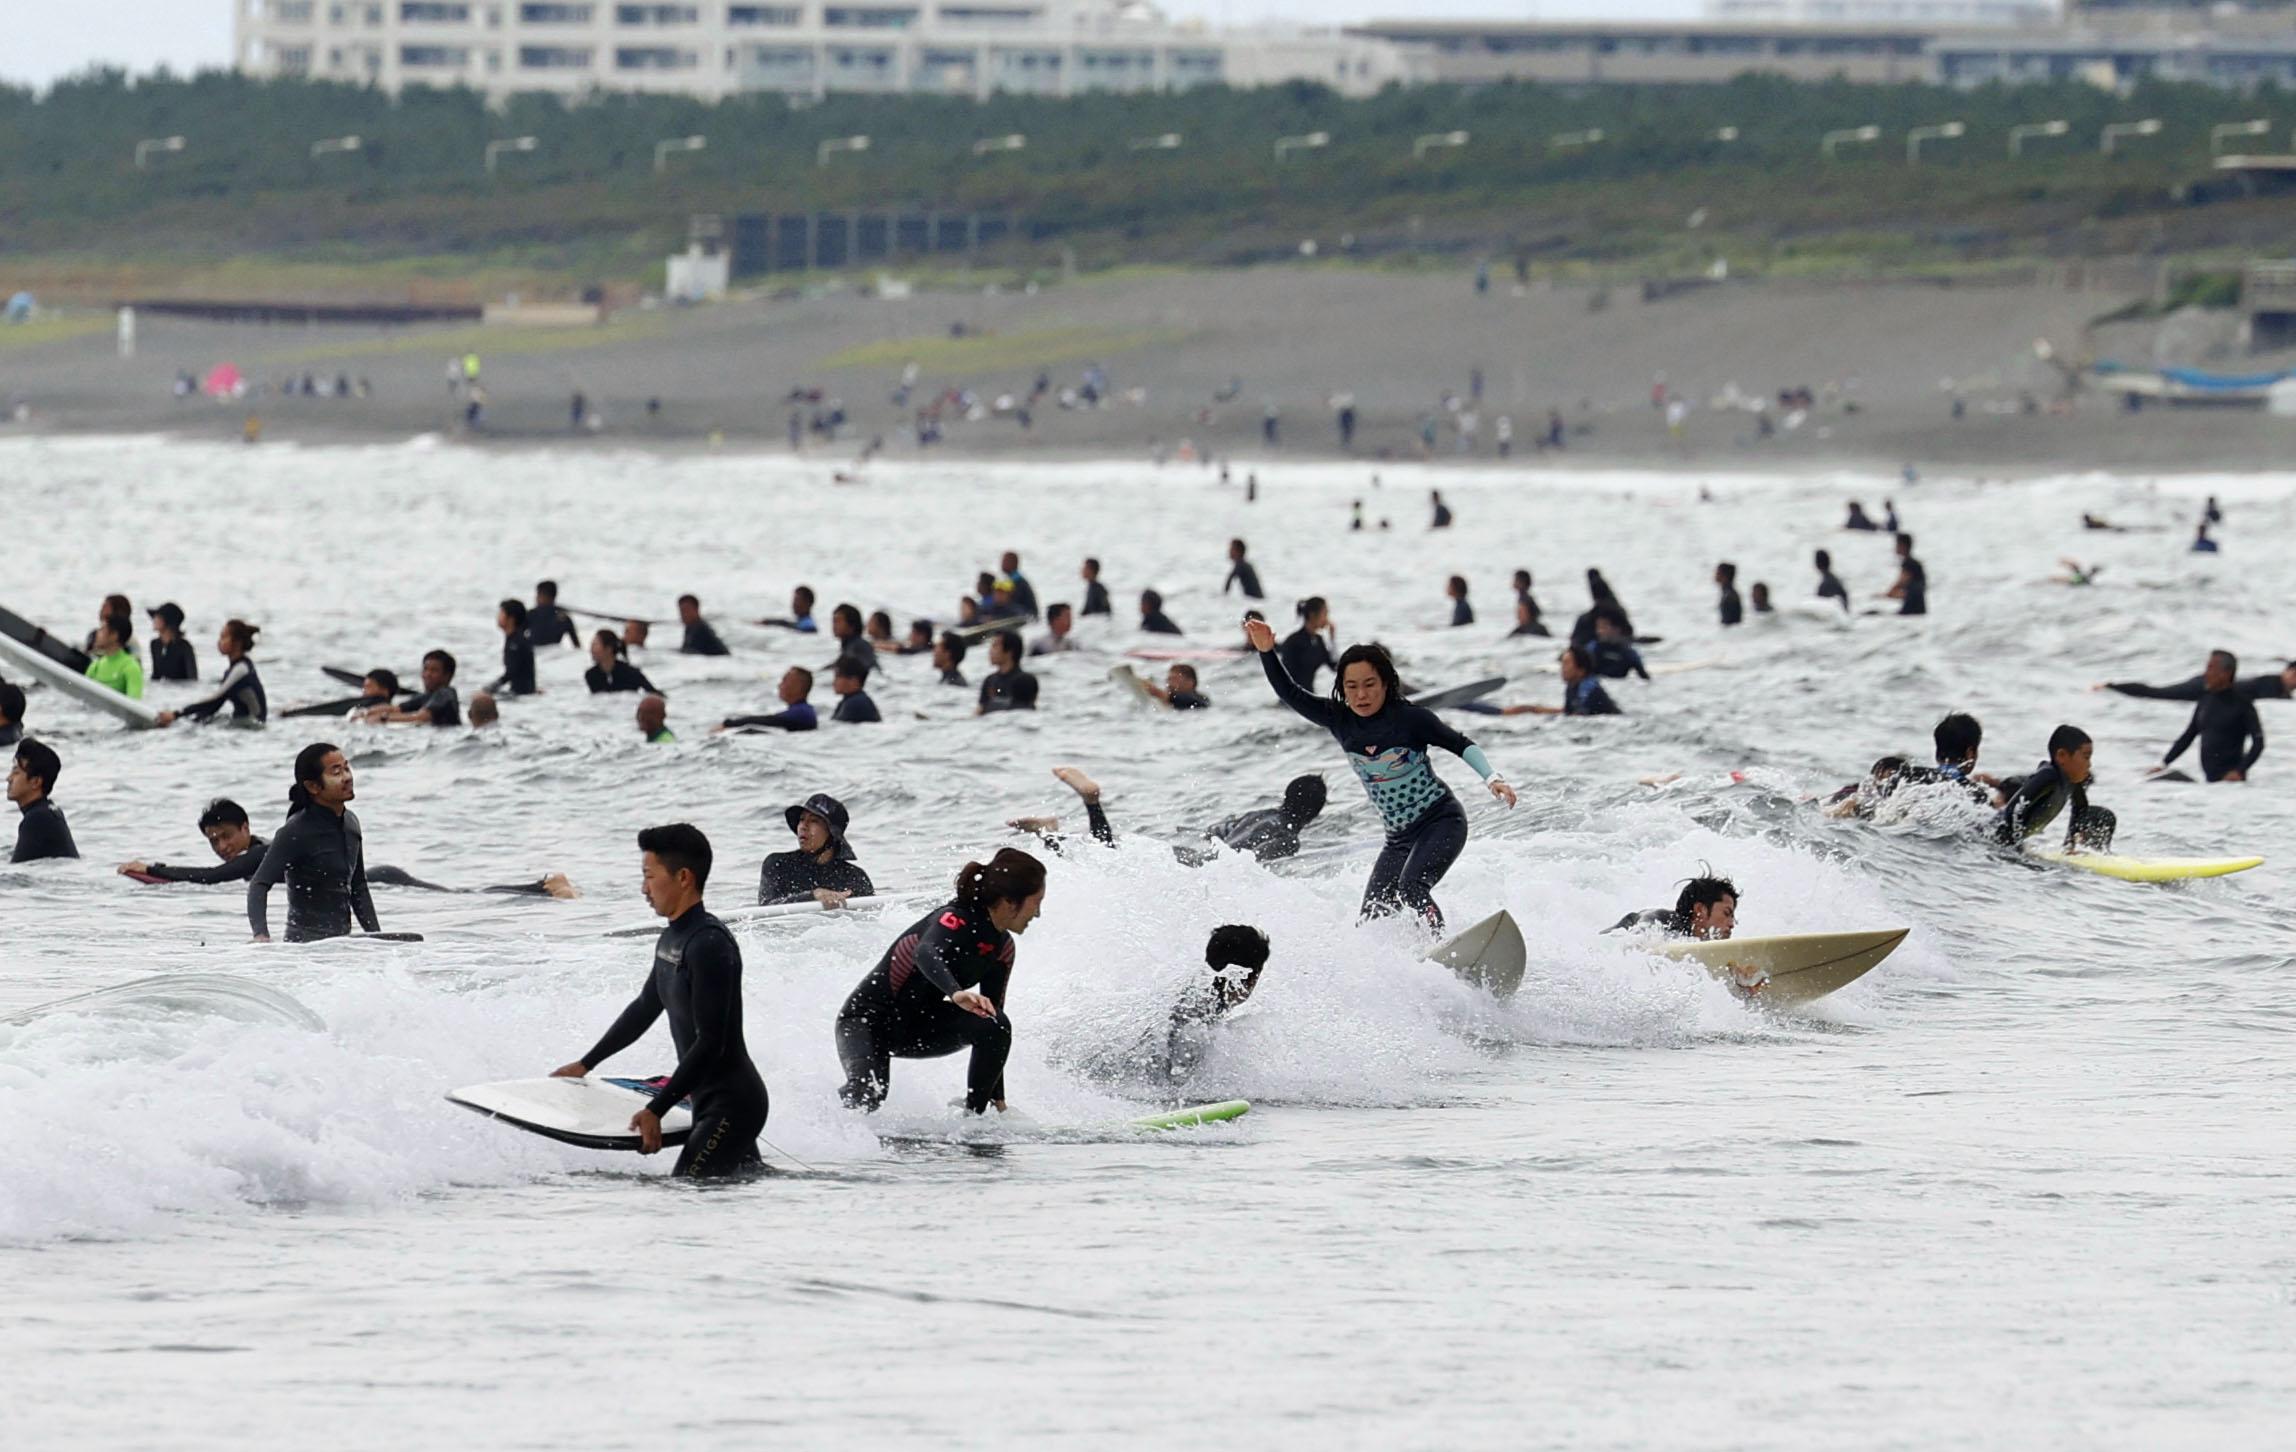 家族連れやサーファーらでにぎわう神奈川県藤沢市の海岸=31日午後